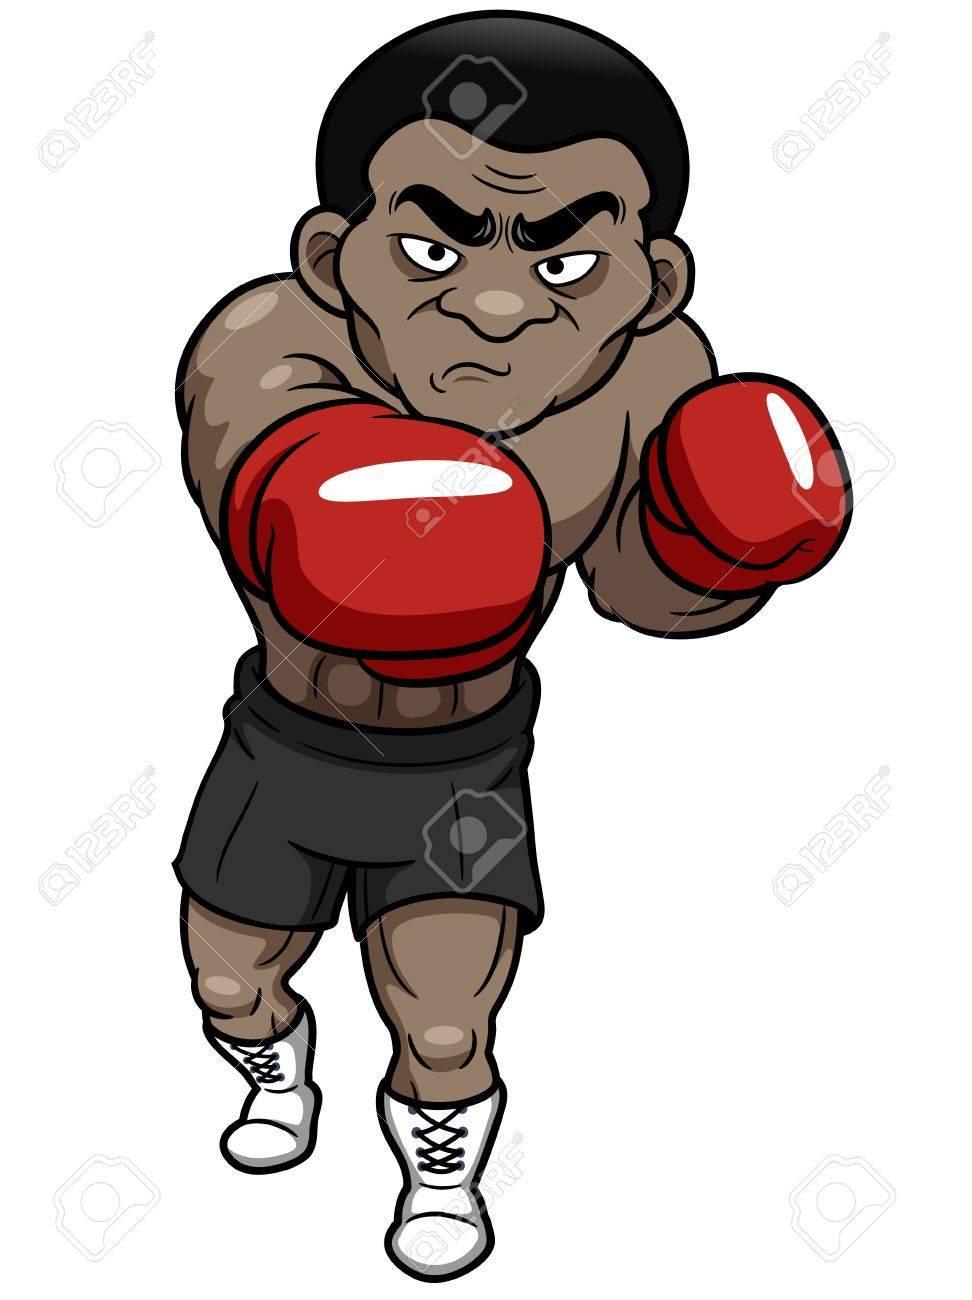 漫画のボクサーのイラストのイラスト素材 ベクタ Image 17948515